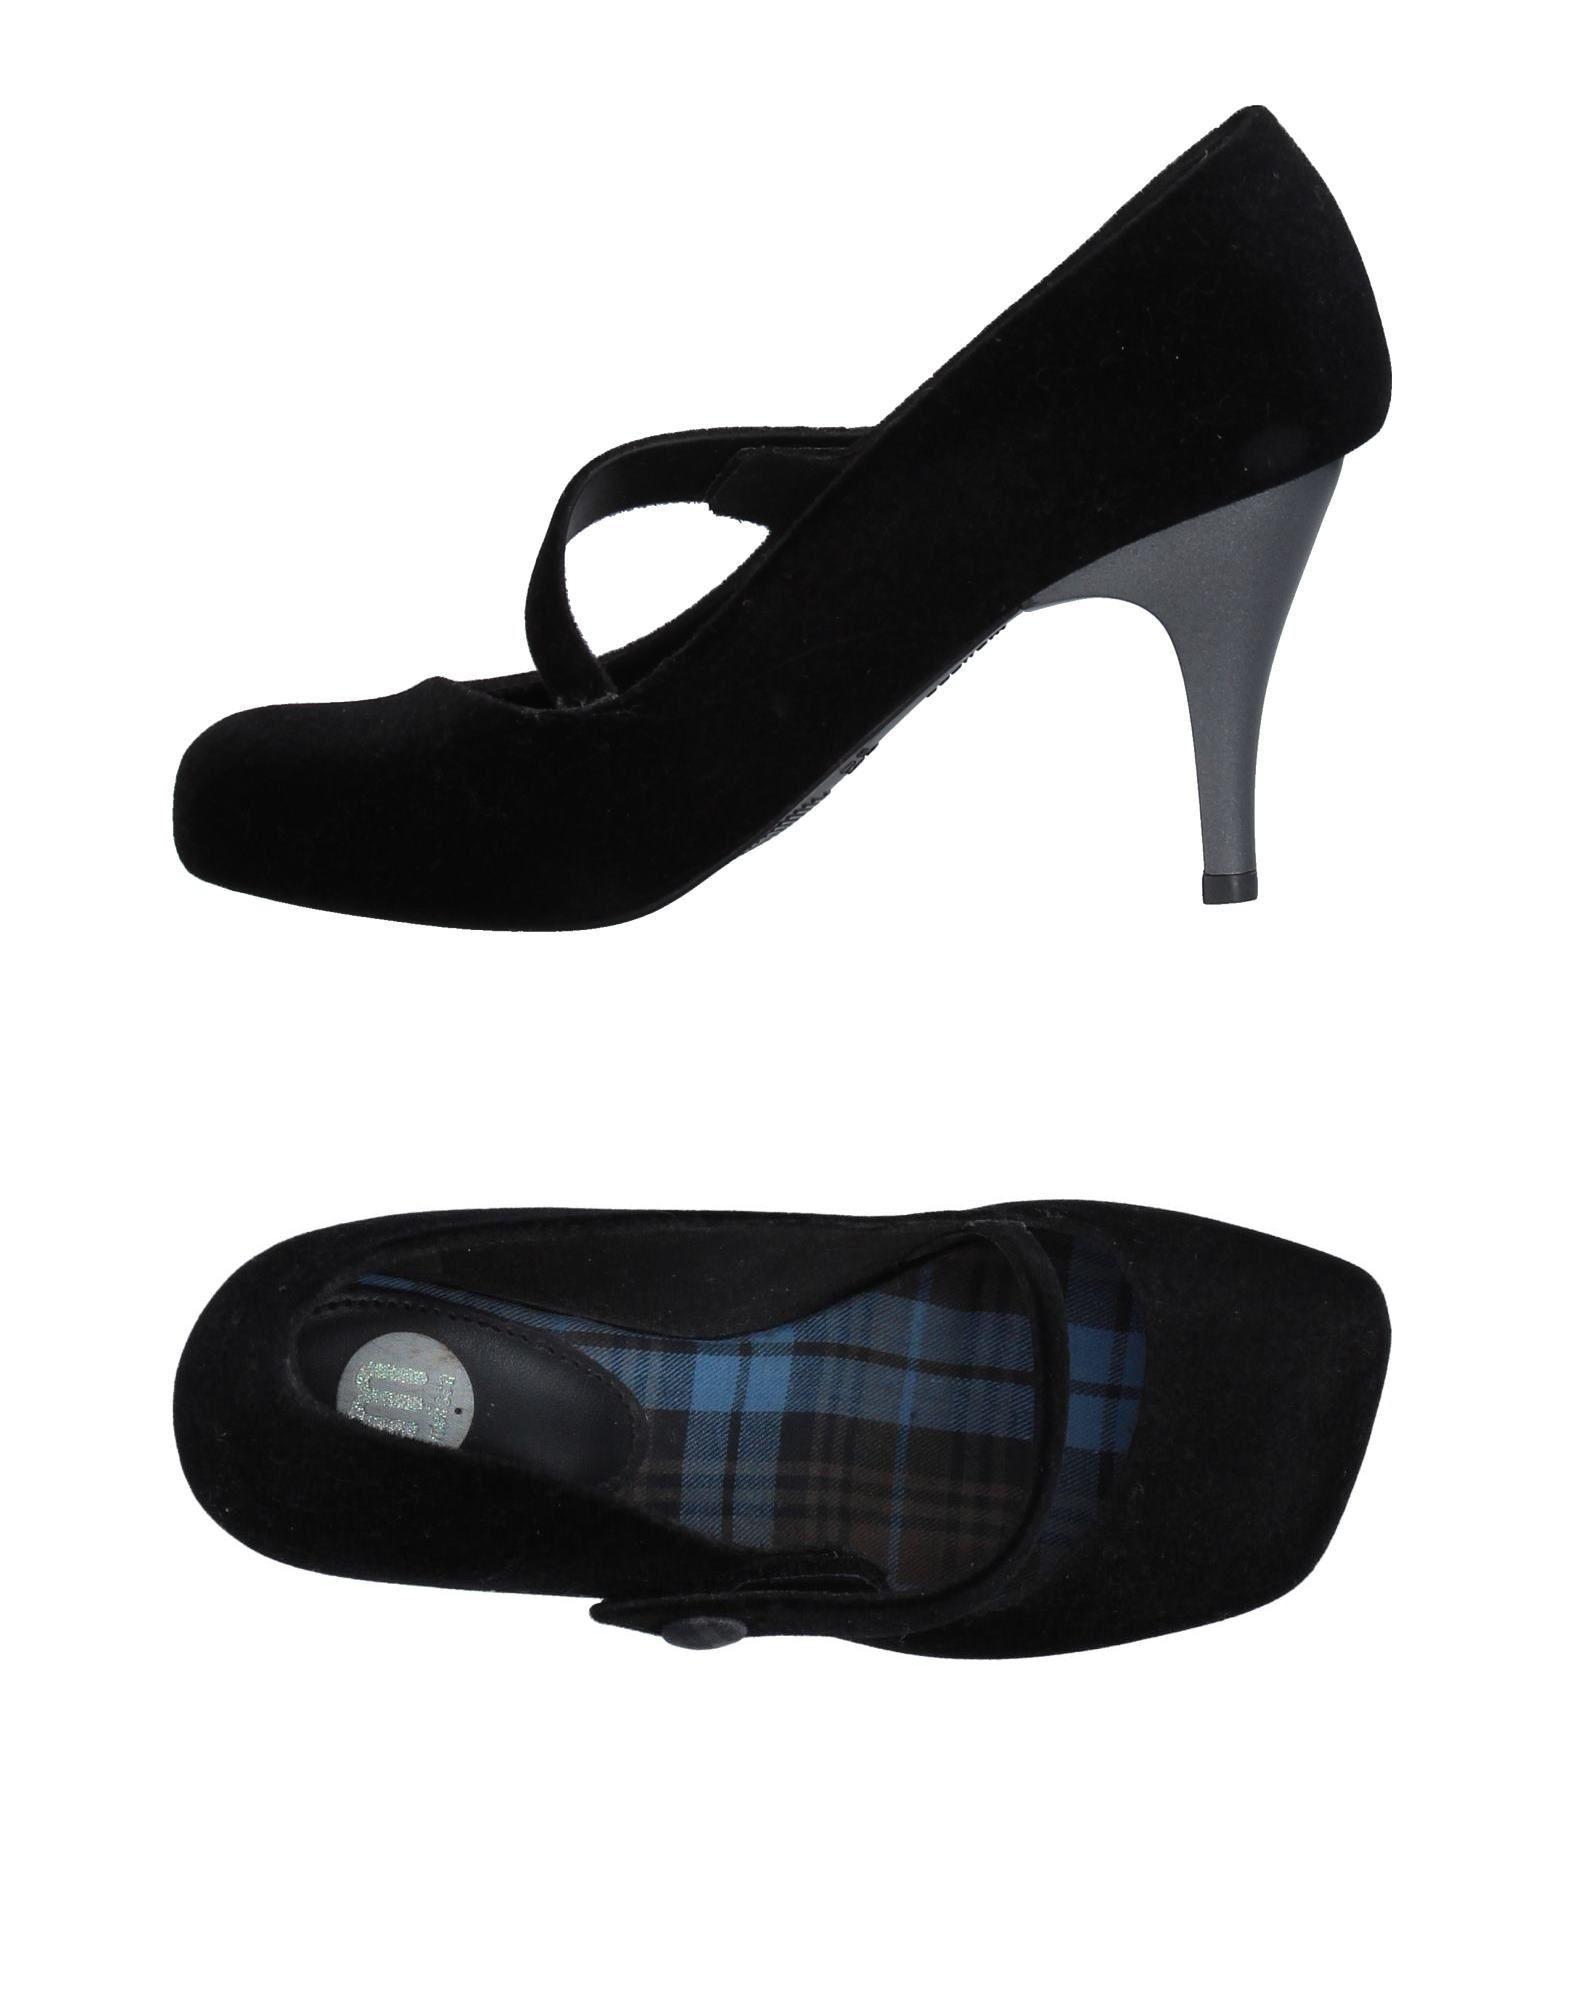 Melissa Pumps Damen  11222284EU Schuhe Gute Qualität beliebte Schuhe 11222284EU 06bf05